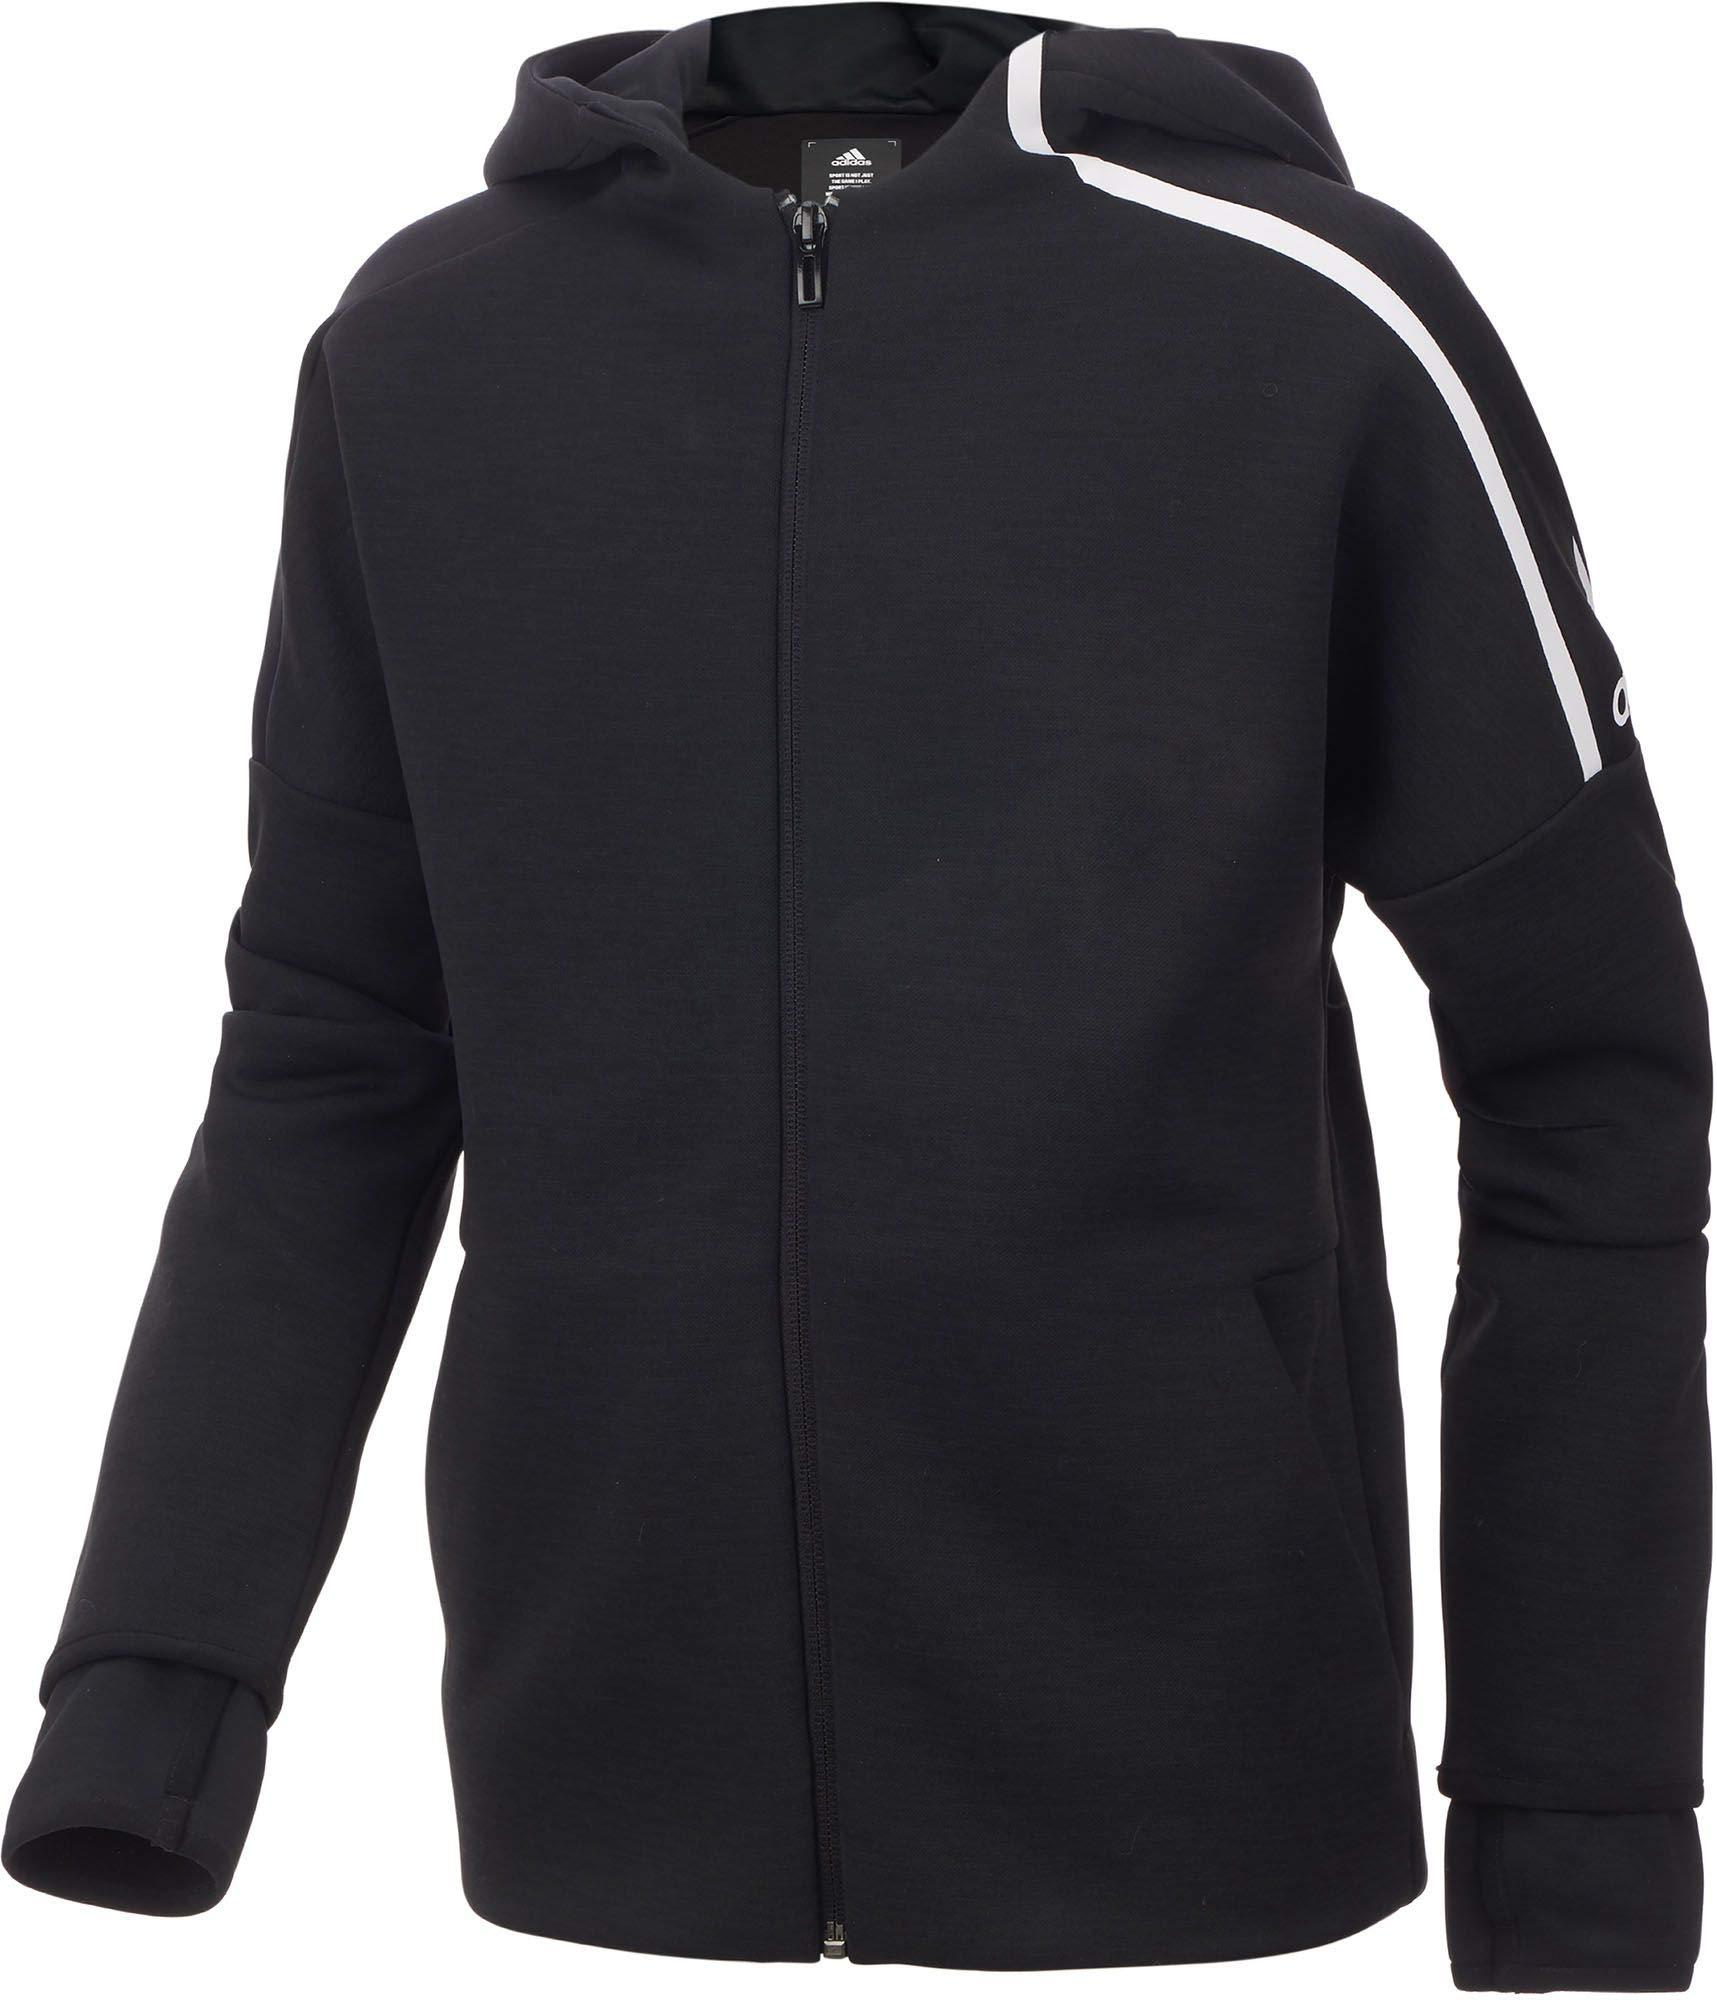 adidas Boy's ZNE Jacket (Black, X-Small) by adidas (Image #1)